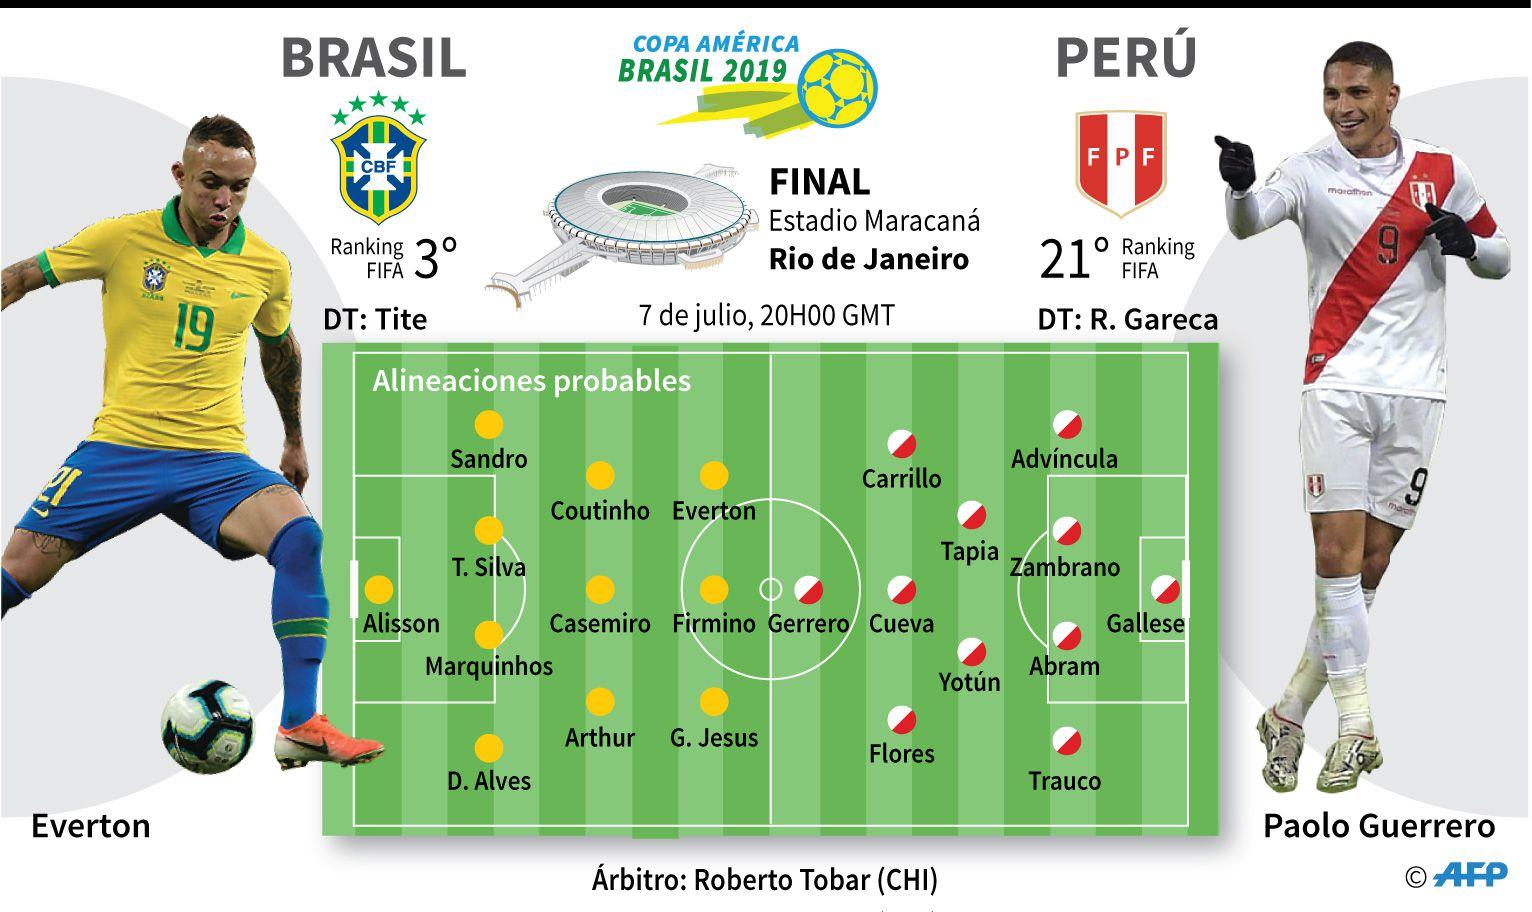 Ver Perú vs  Brasil EN VIVO: fecha, horarios y canales para